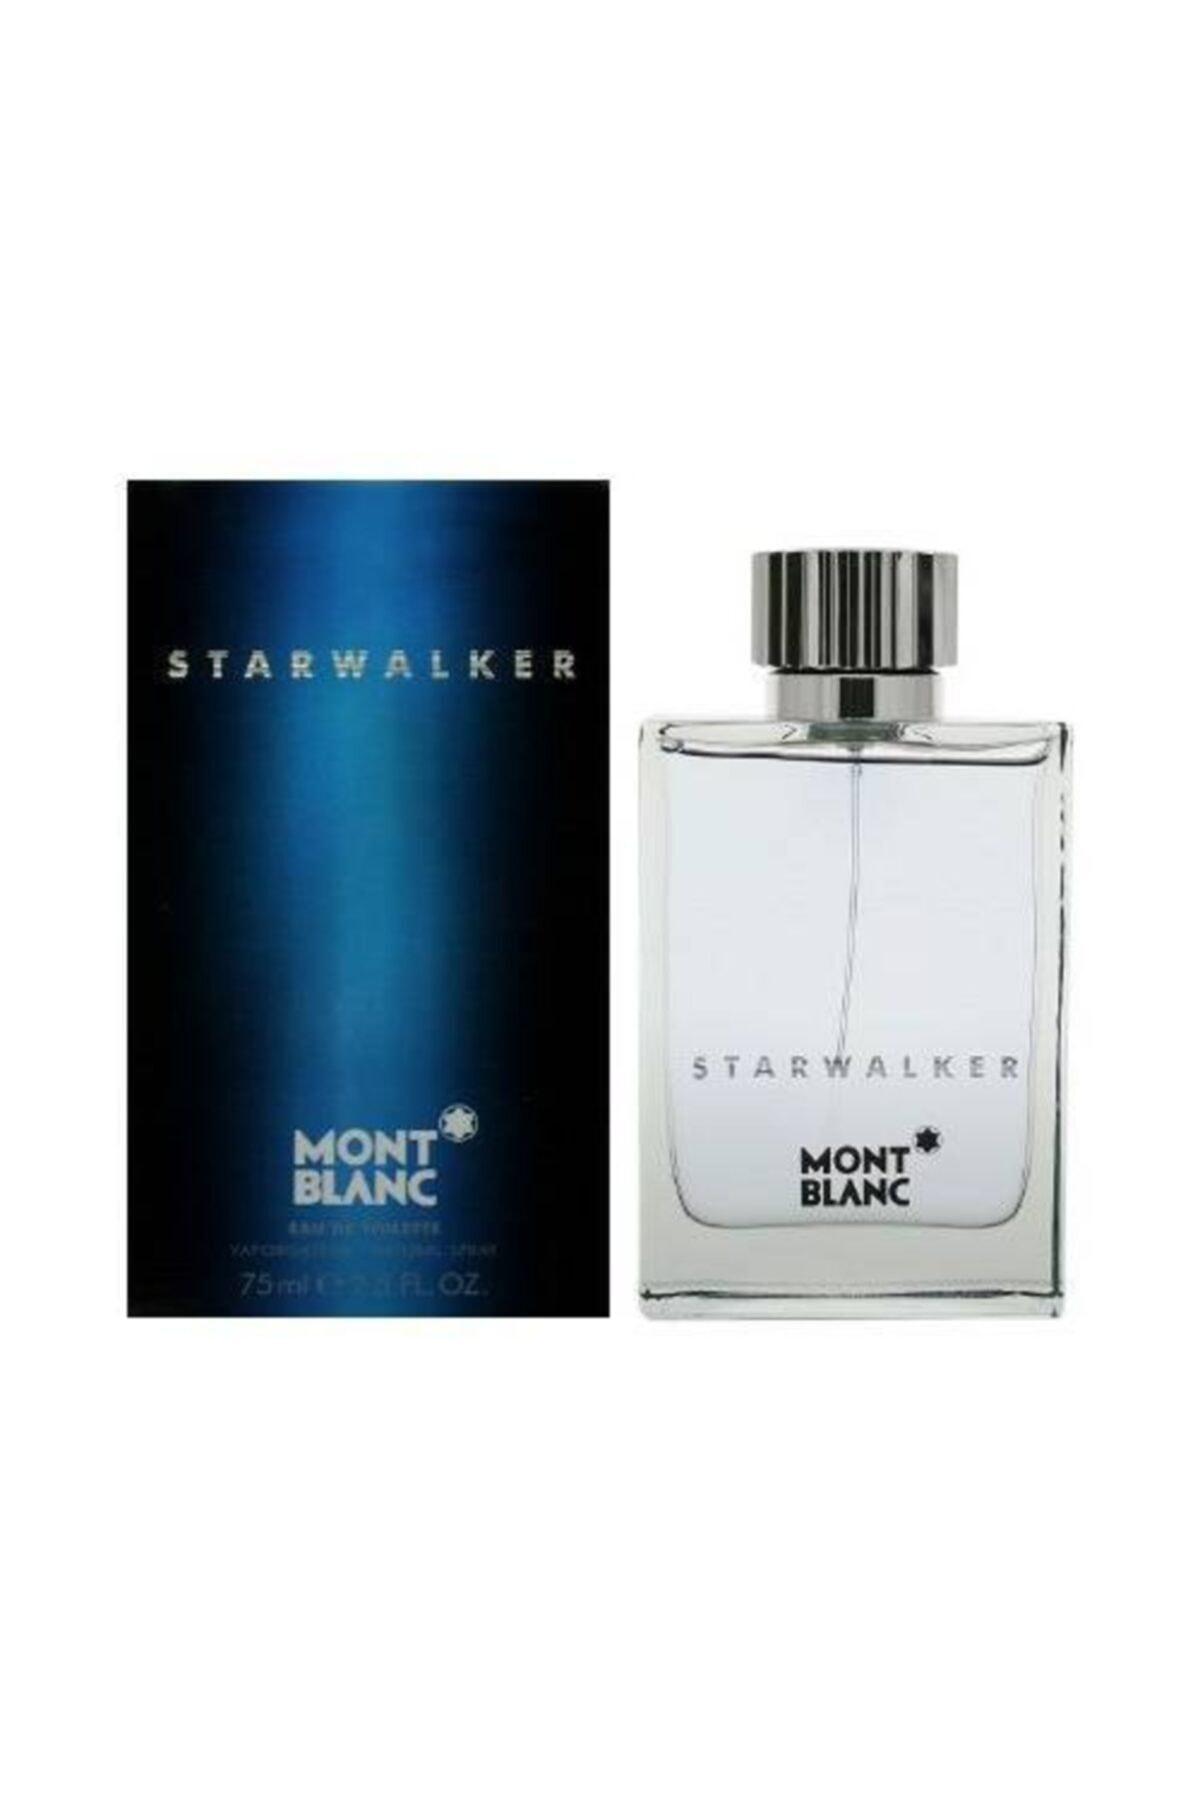 Montblanc Erkek Starwalker Edt 75ml Parfümü 1